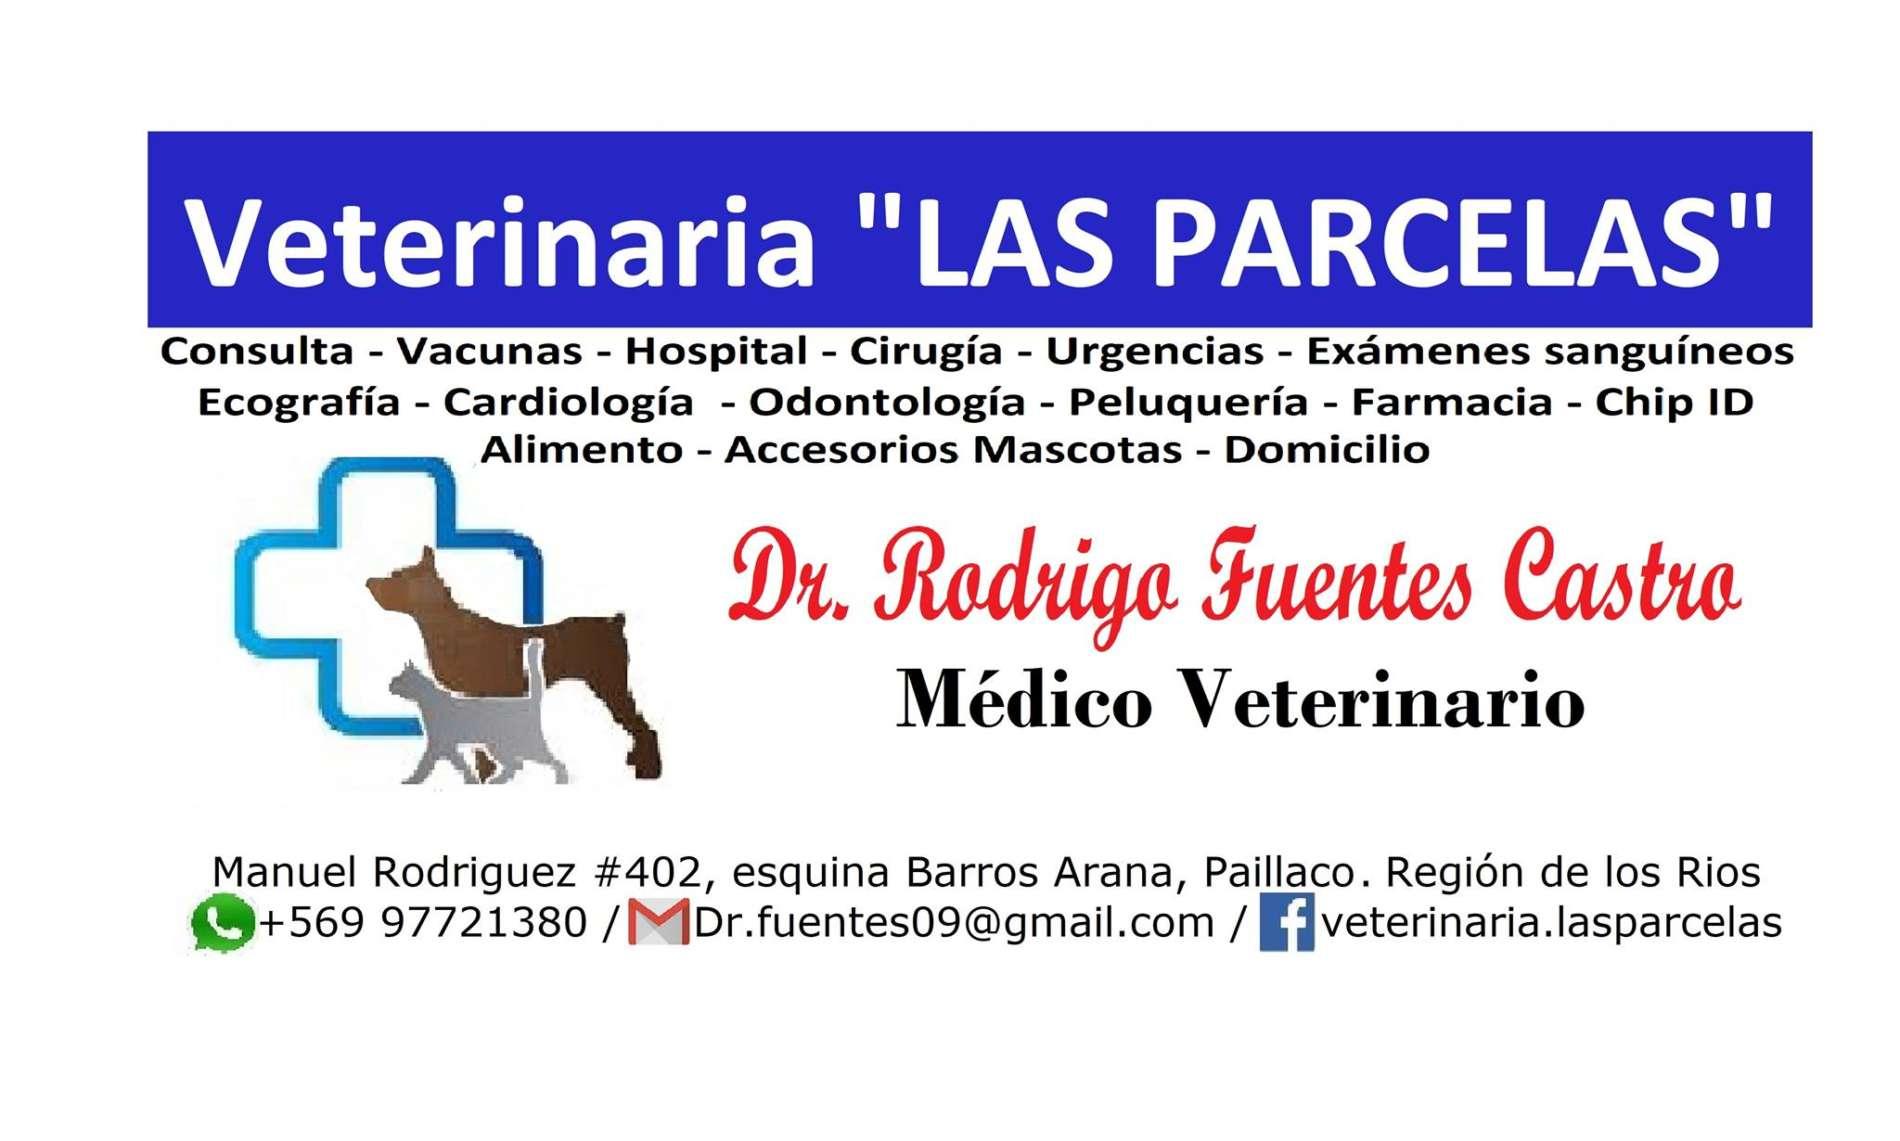 Veterinaria Las Parcelas